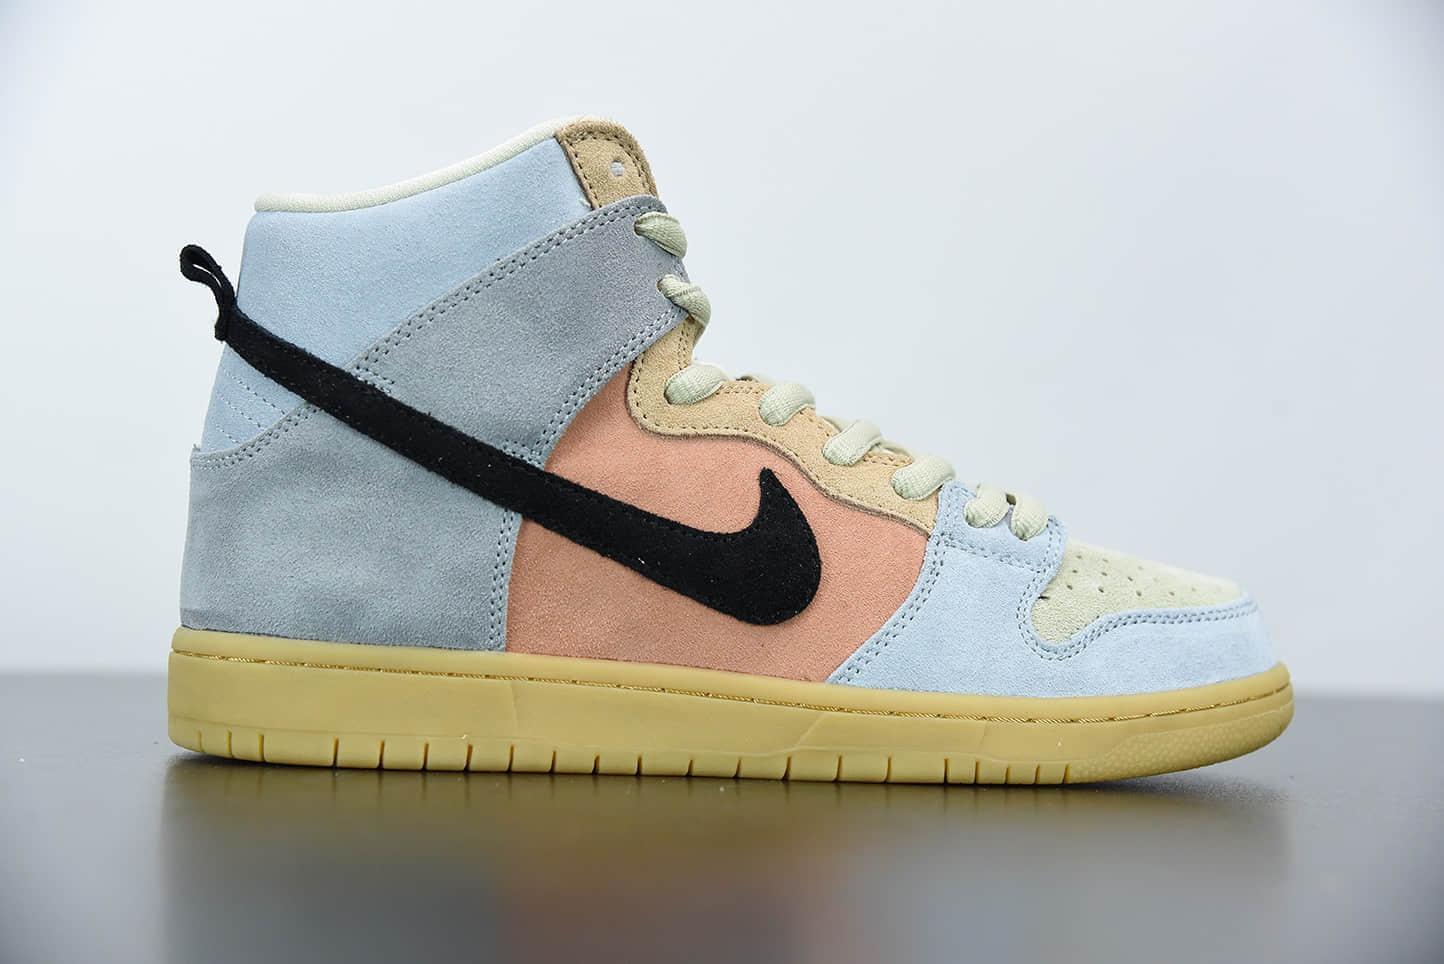 耐克Nike Dunk SB High 蓝橙拼接彩蛋高帮滑板鞋纯原版本 货号:CN8345-001